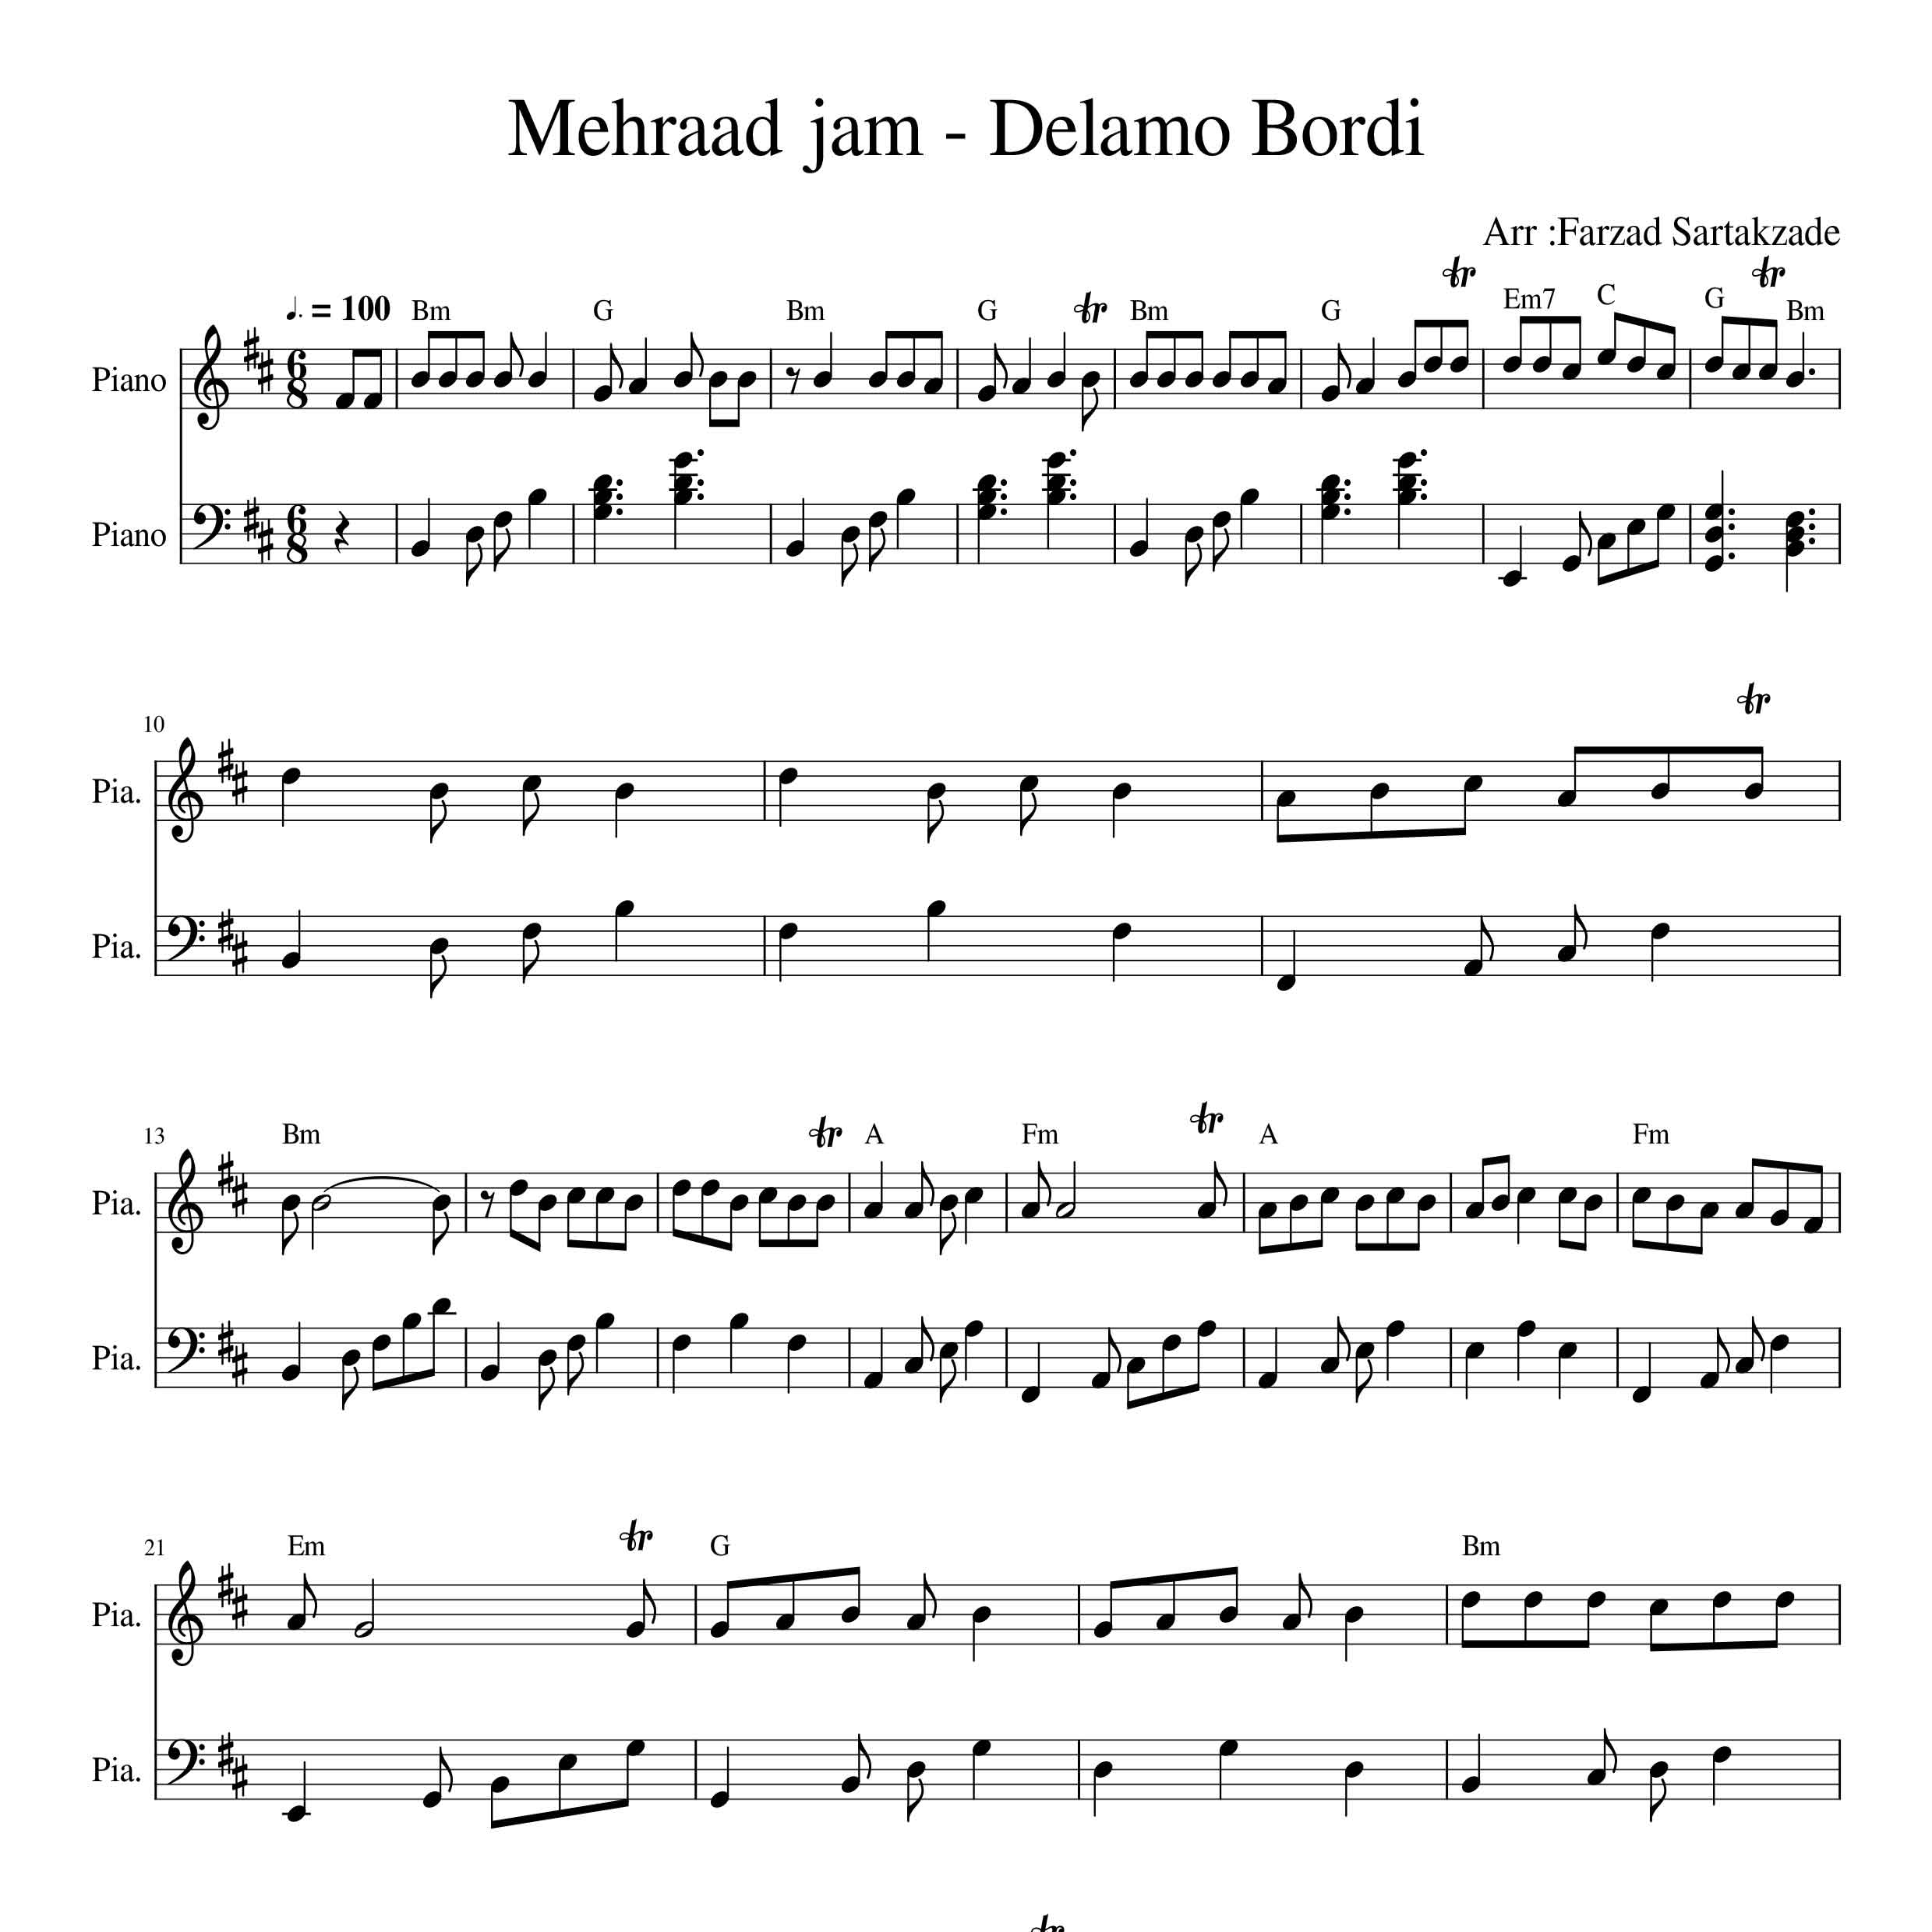 نت پیانو آهنگ دلمو بردی از مهراد جم به همراه آکورد |